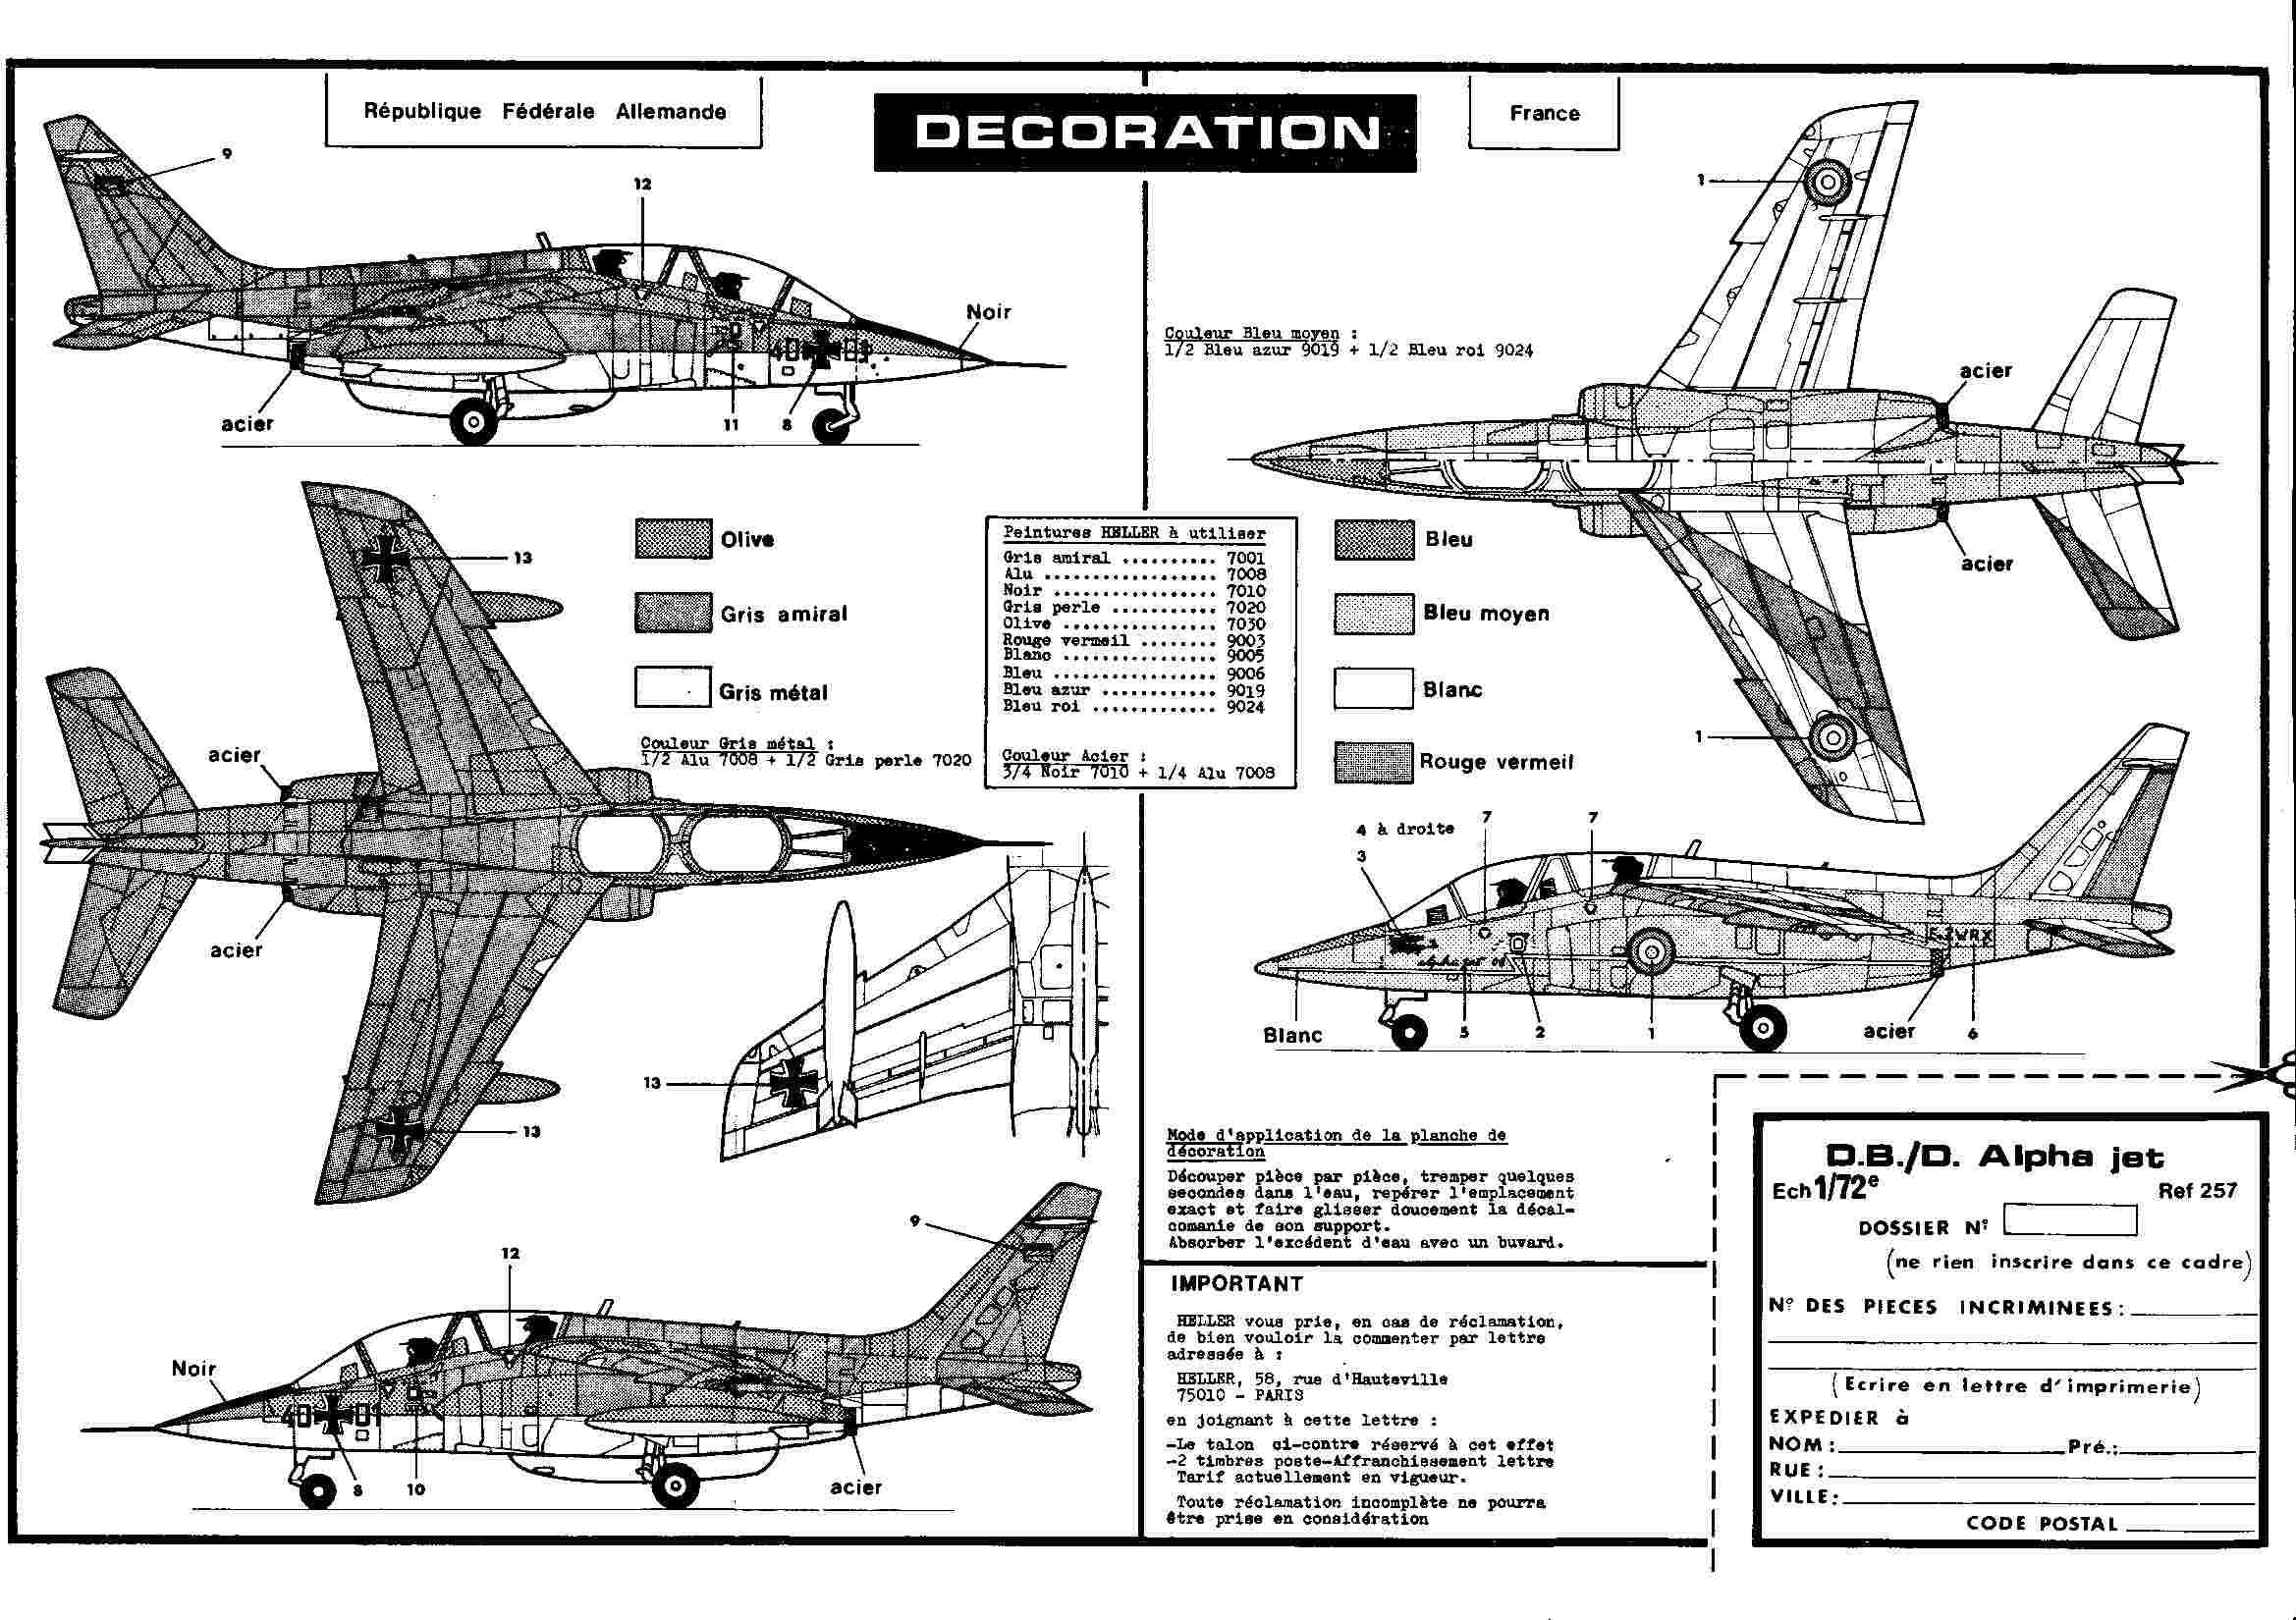 Dasault Breguet Dornier Alphajet, 1/72, Heller Alphat26